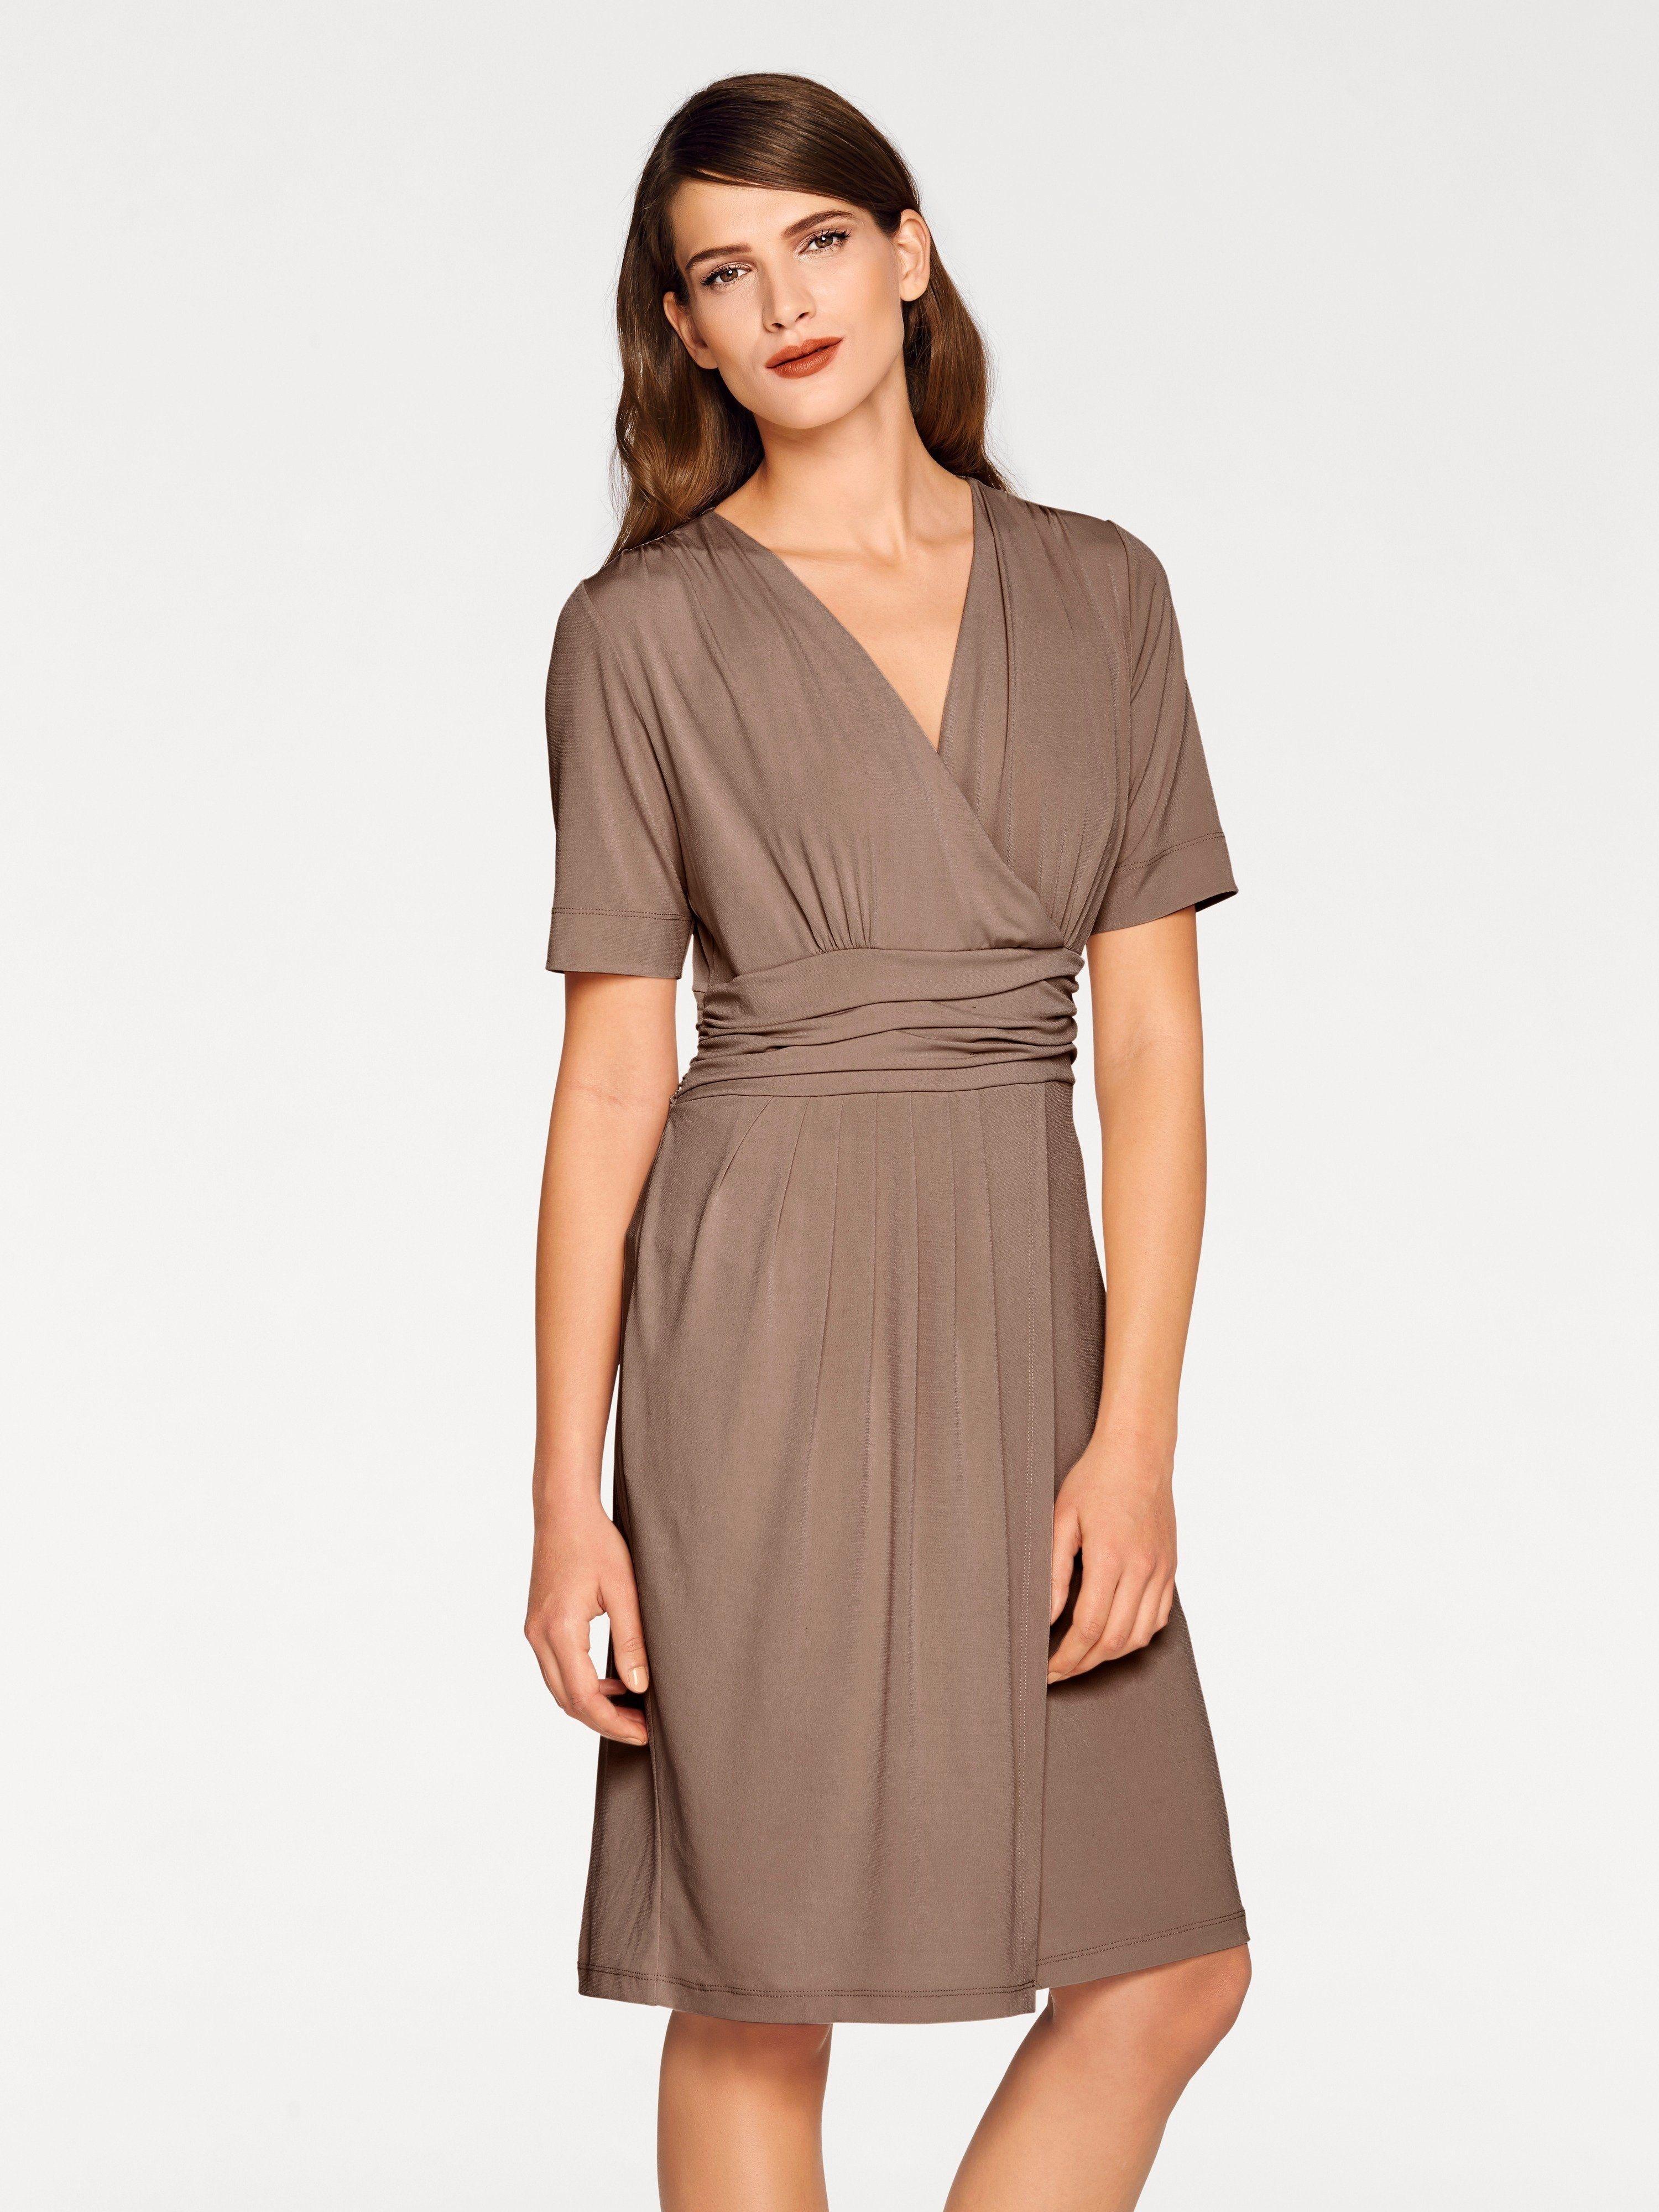 20 Erstaunlich Heine Damen Kleider BoutiqueFormal Kreativ Heine Damen Kleider Design